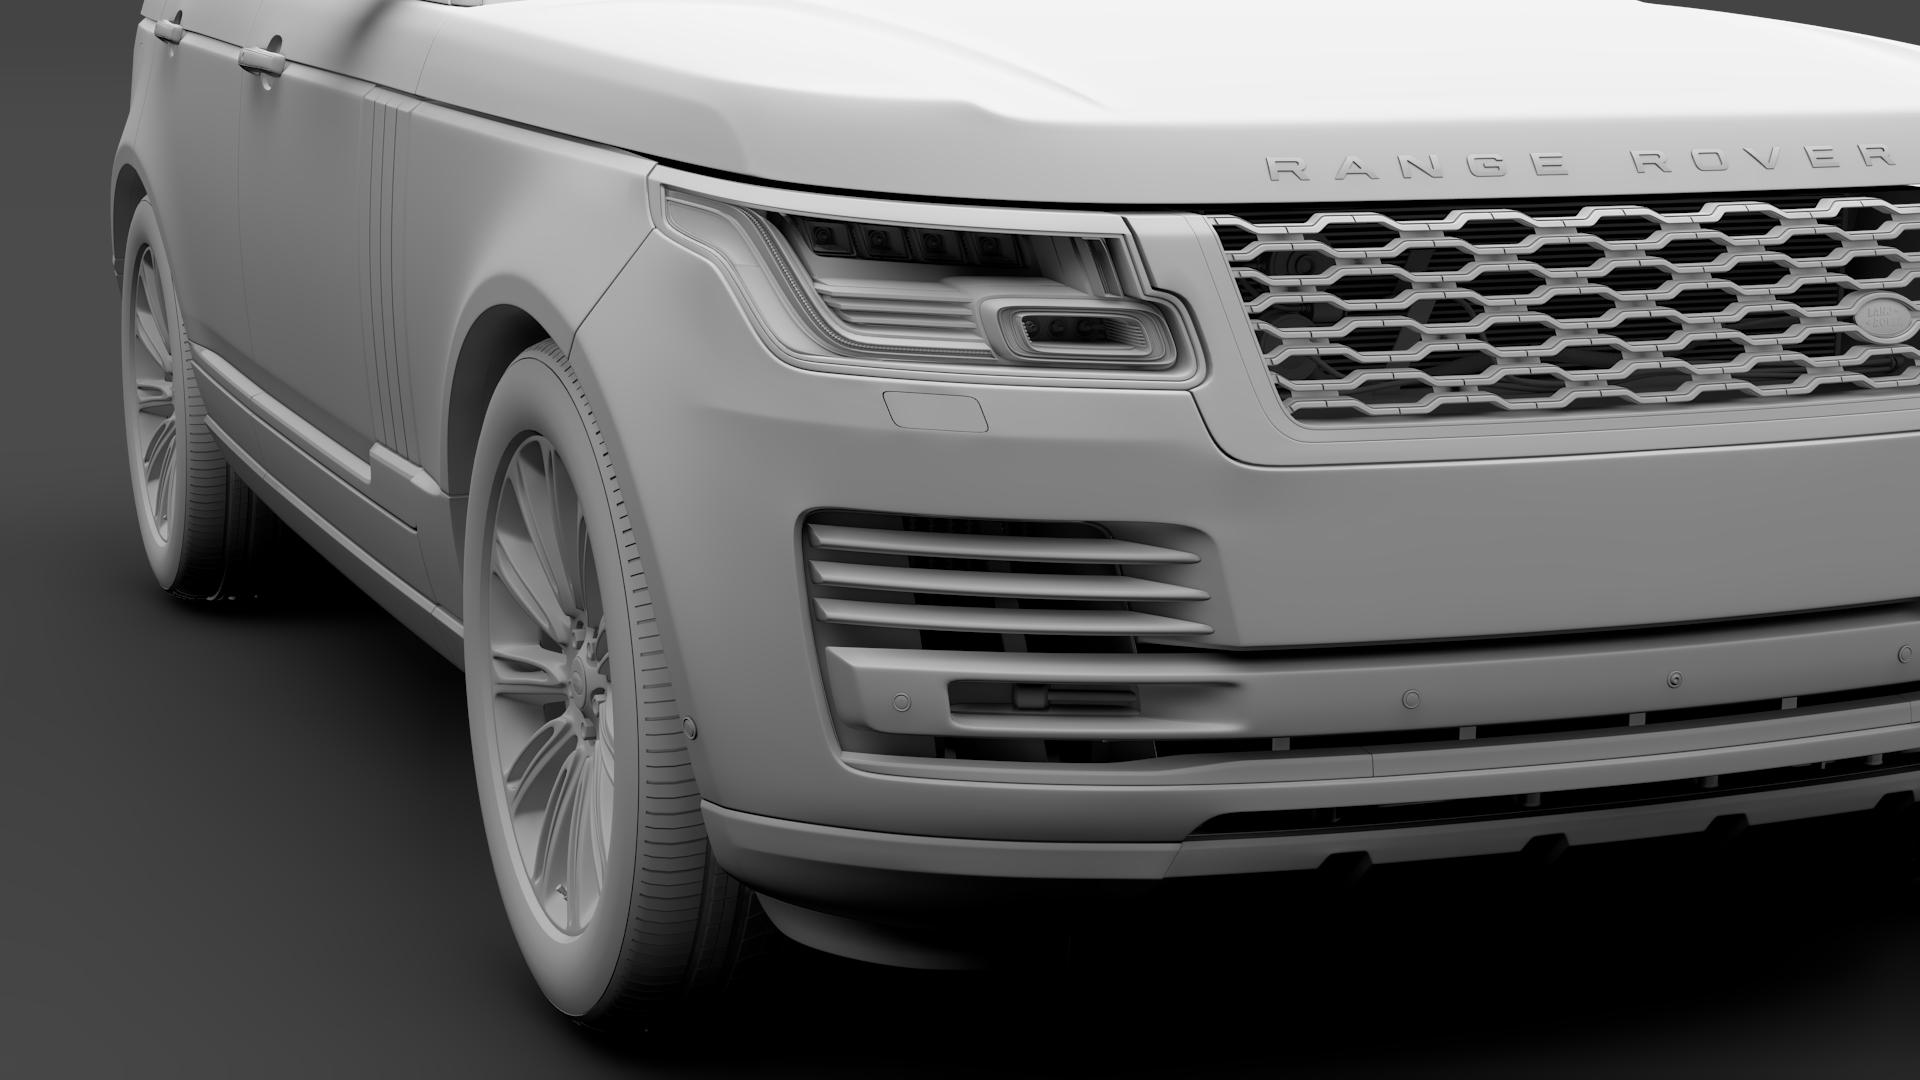 range rover autobiography (l405) 2018 3d model max fbx c4d lwo ma mb hrc xsi obj 278061